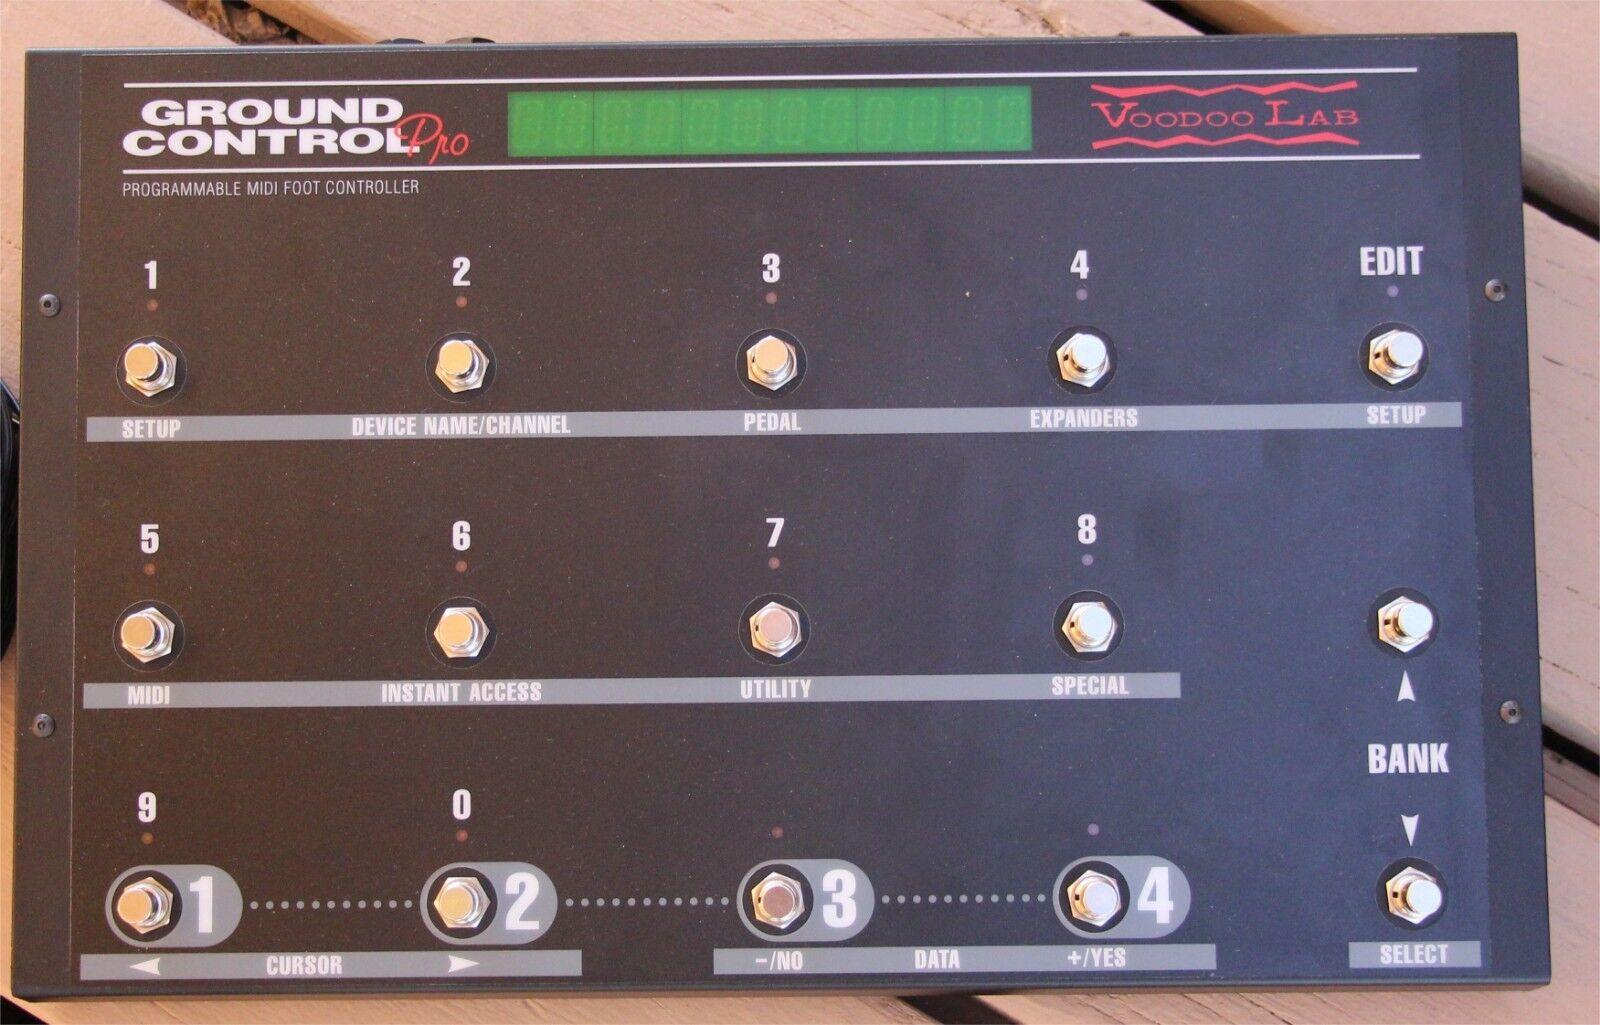 Voodoo Lab Ground Control Pro. Bekommen Sie die volle Kontrolle über Ihre Gitarren-Rig.